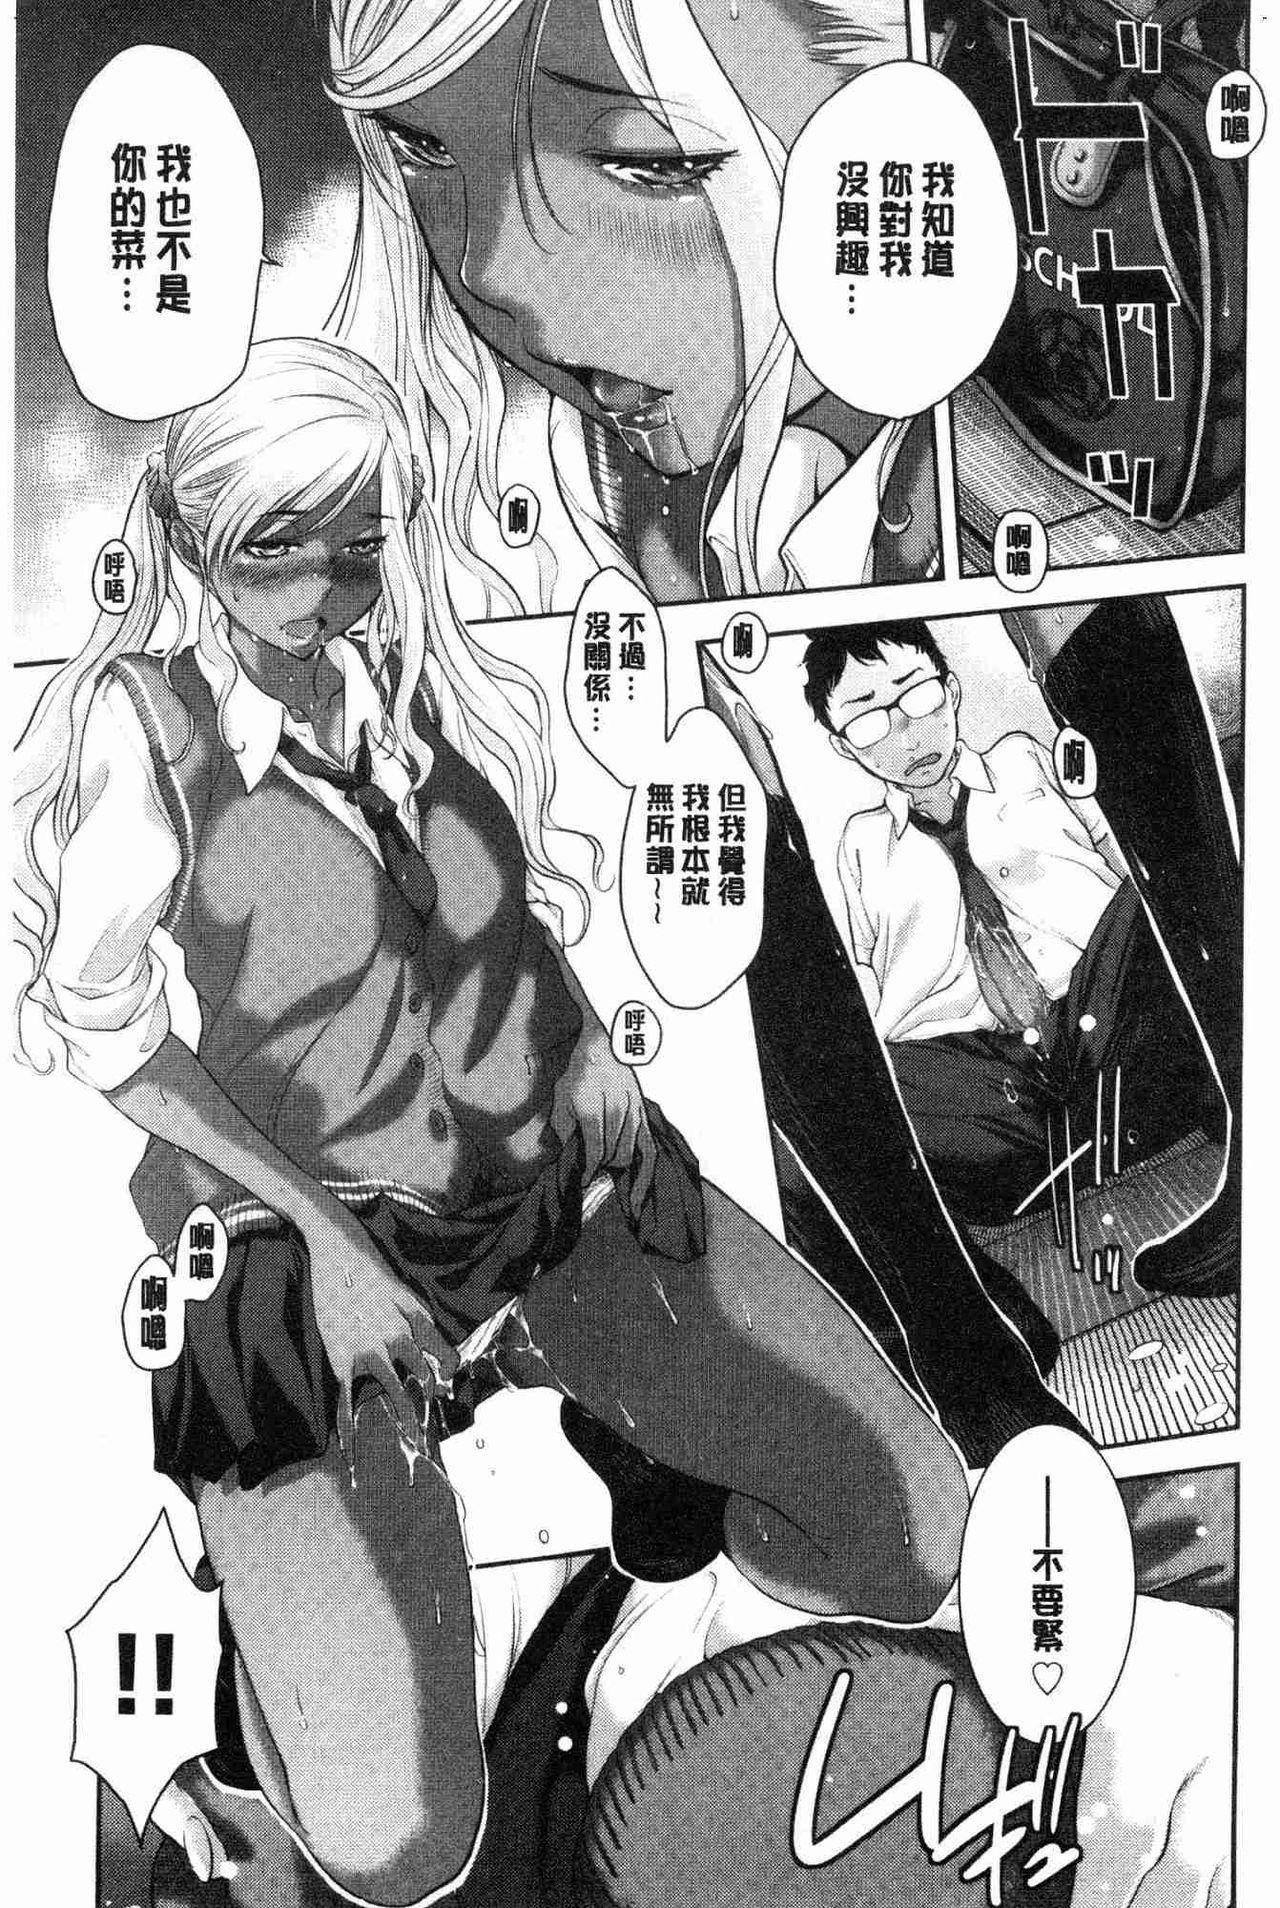 [Harazaki Takuma] Seifuku Shijou Shugi -Natsu- - Uniforms supremacy [Chinese] 199